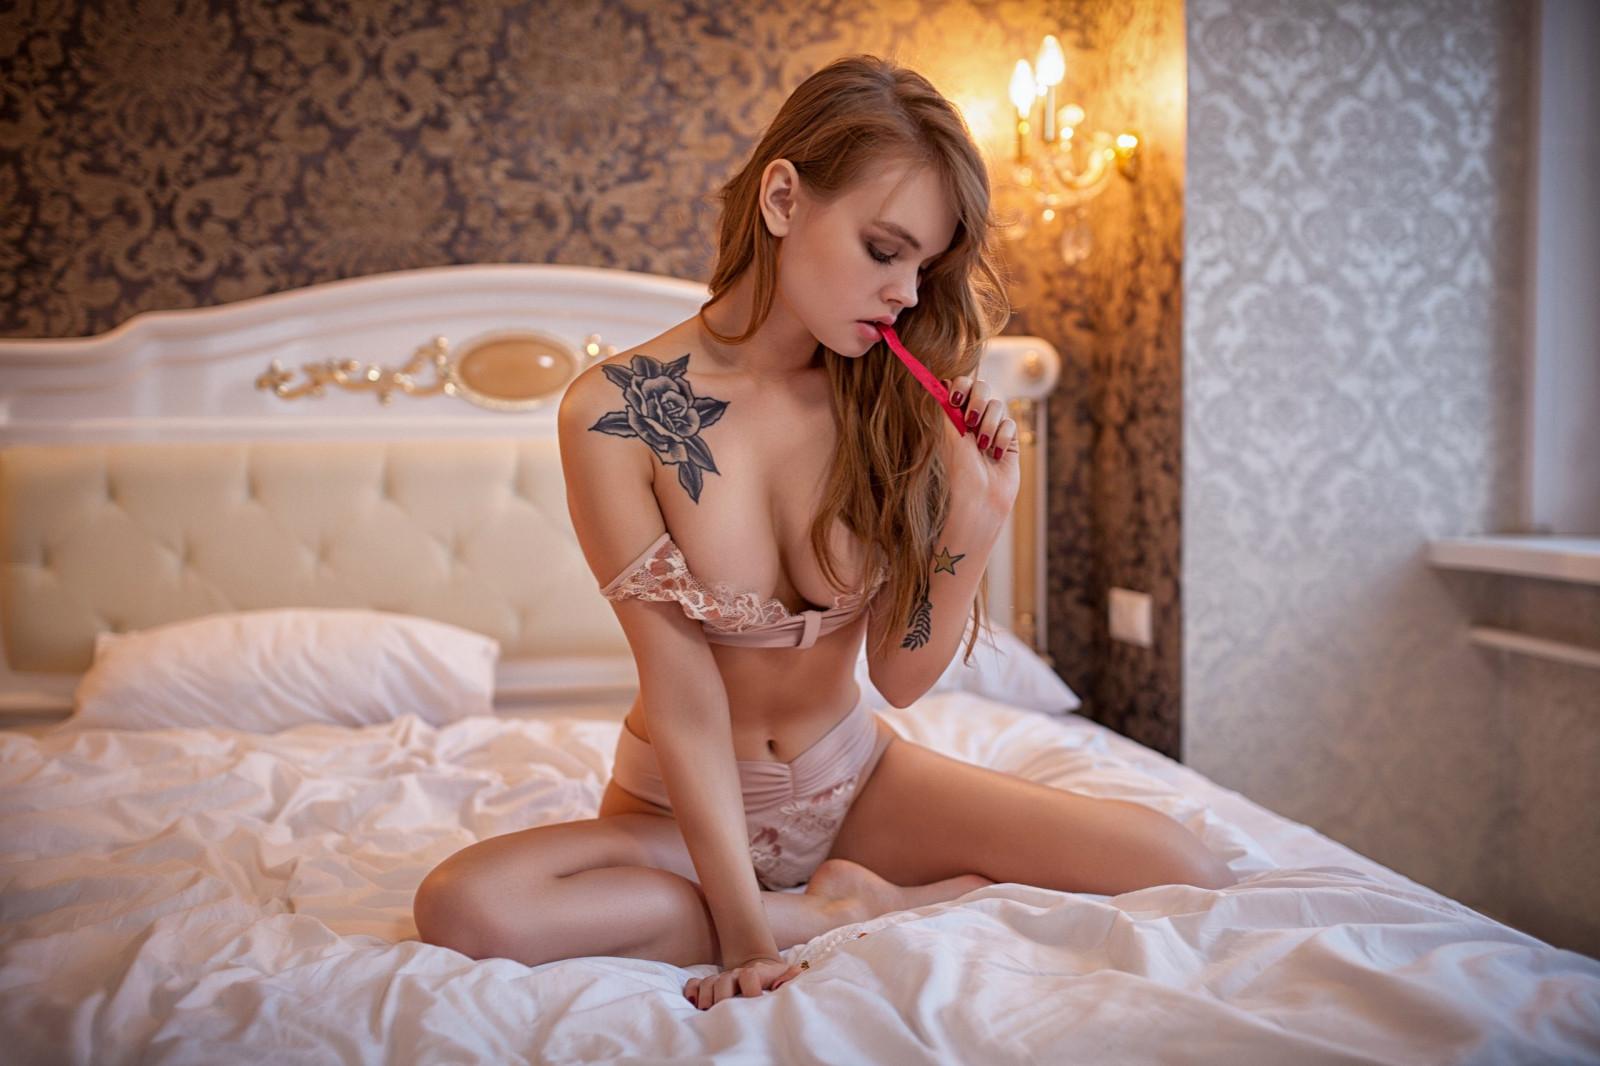 Anastasia Scheglova, women, model, brunette, in bed, lingerie, blonde, tattoo, sitting, portrait, belly, red nails, boobs